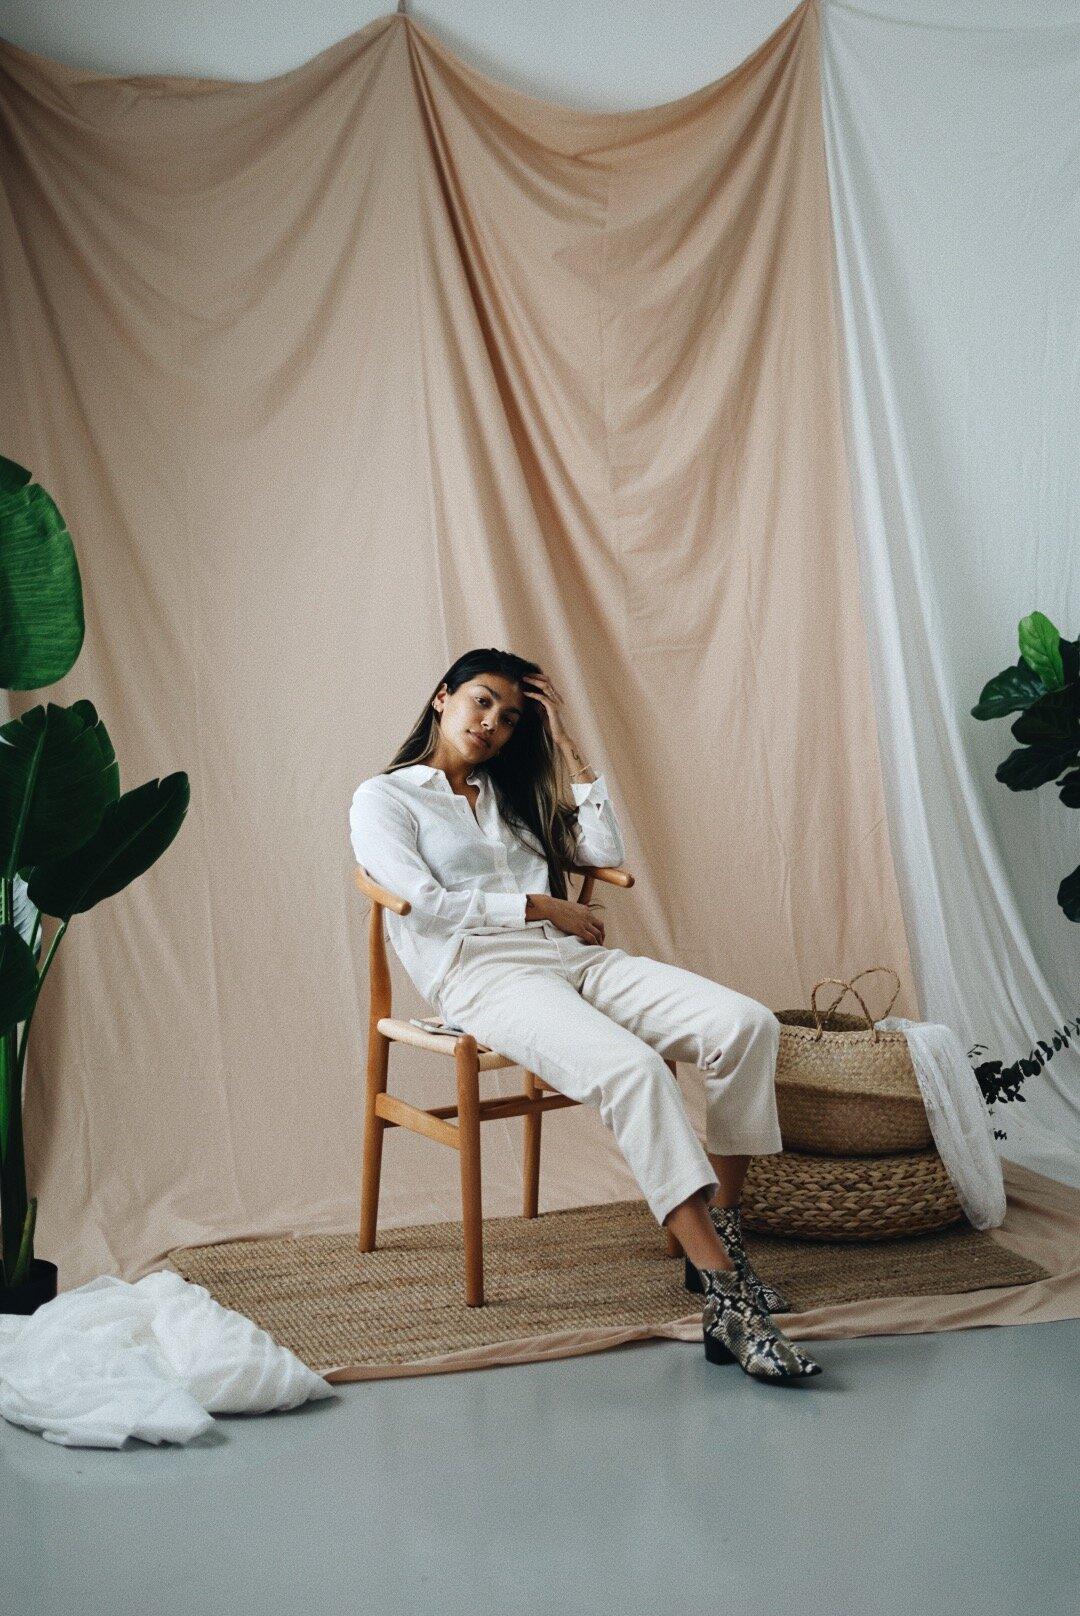 taraleighrose-everlane-sustainable-fashion